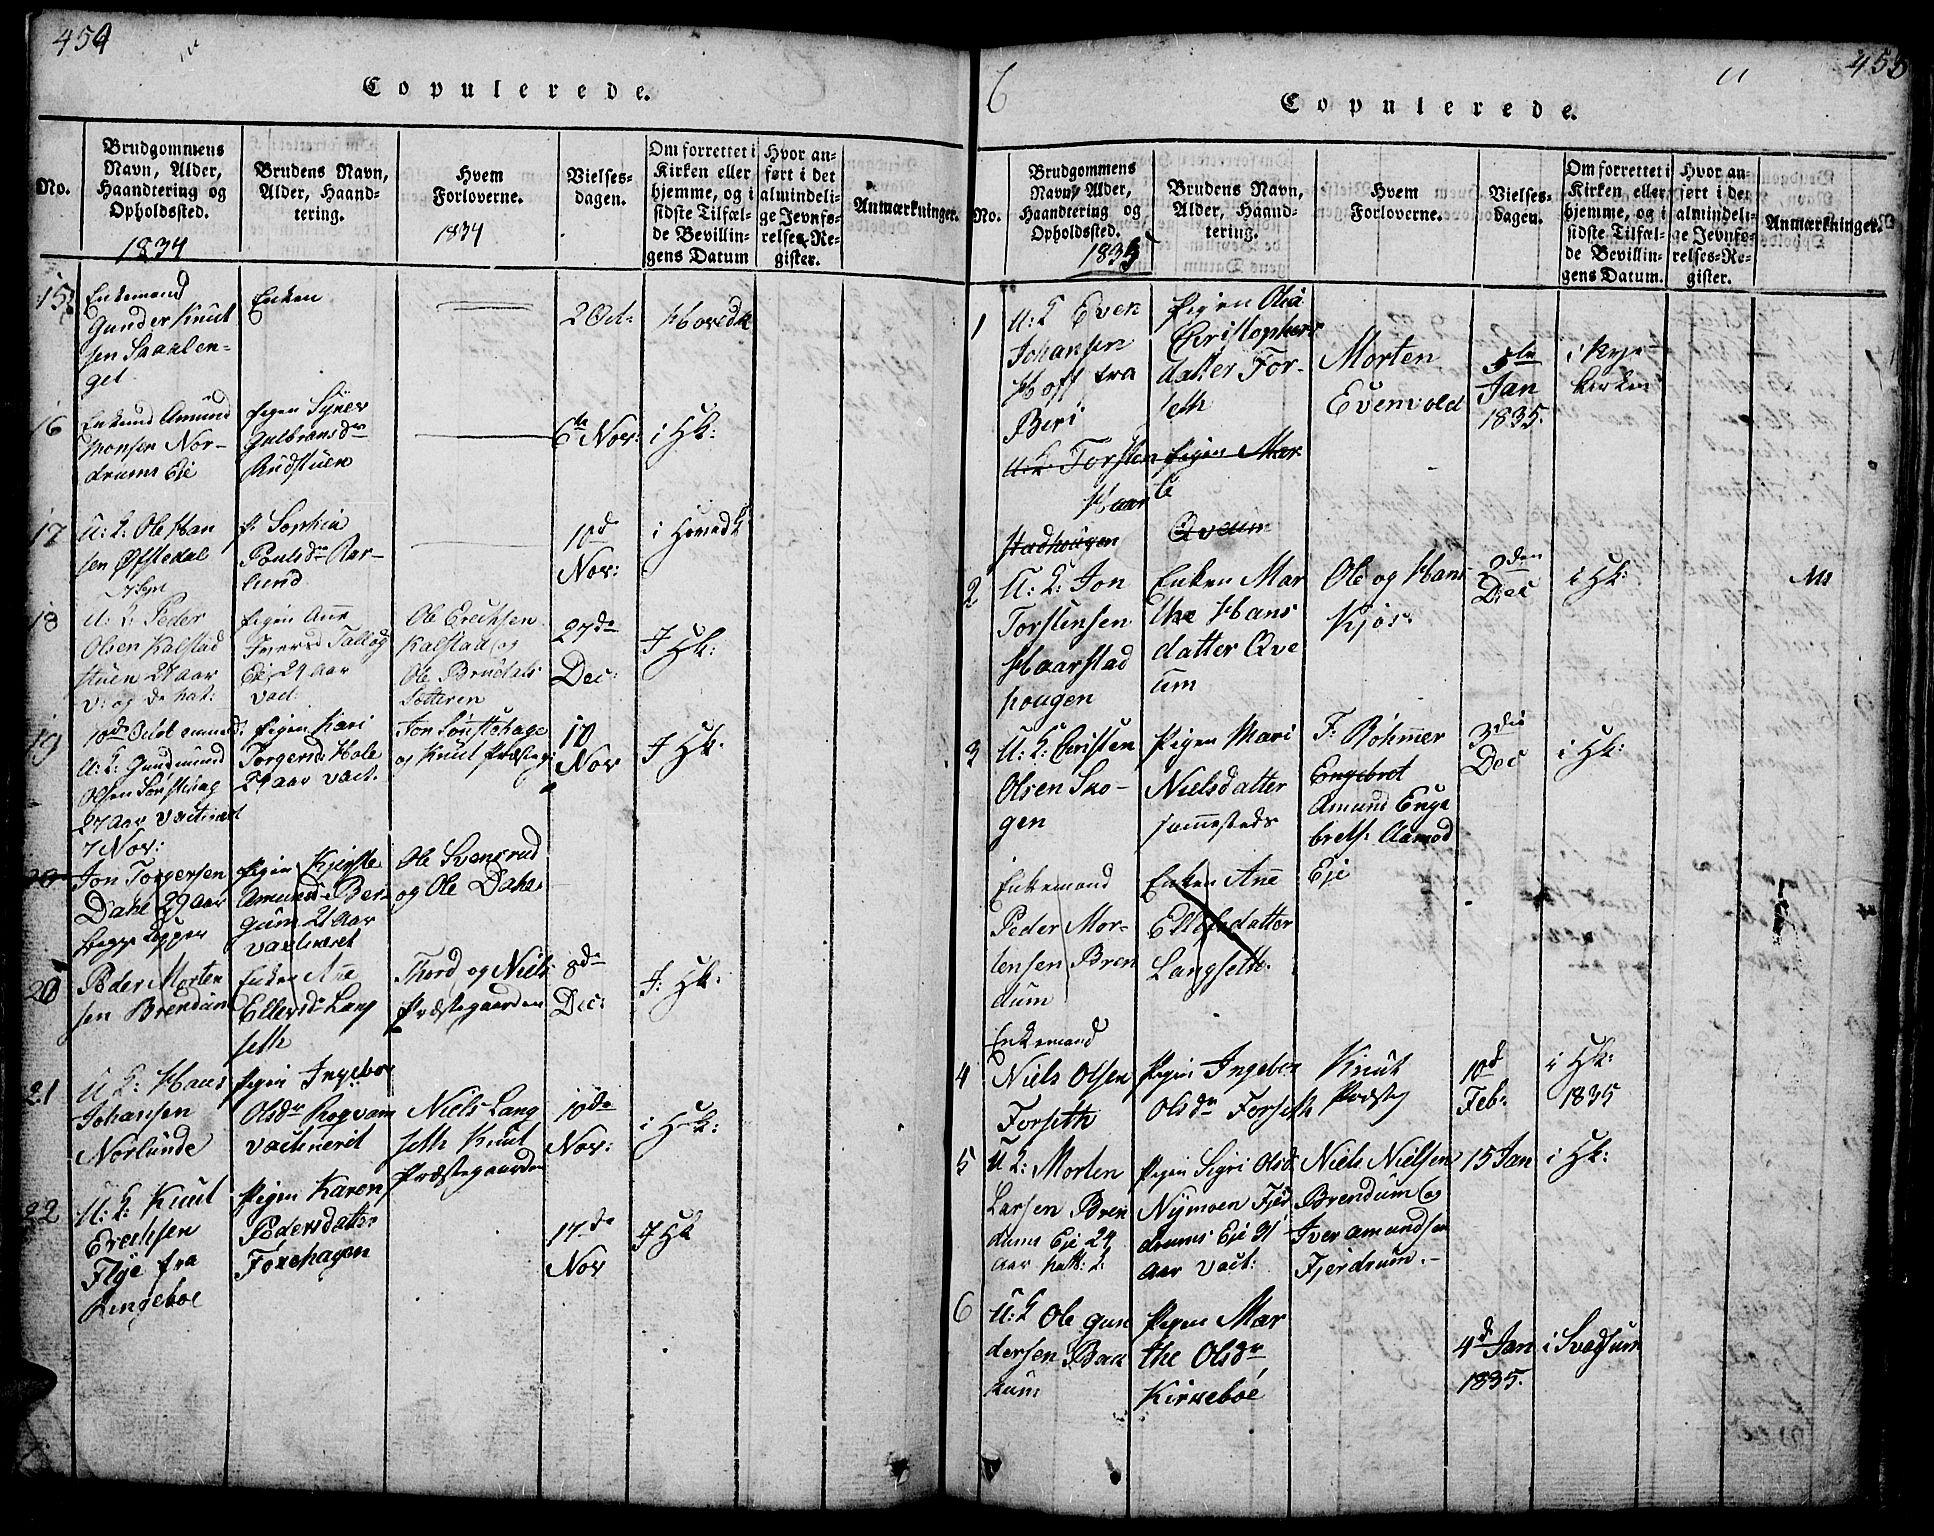 SAH, Gausdal prestekontor, Klokkerbok nr. 1, 1817-1848, s. 454-455